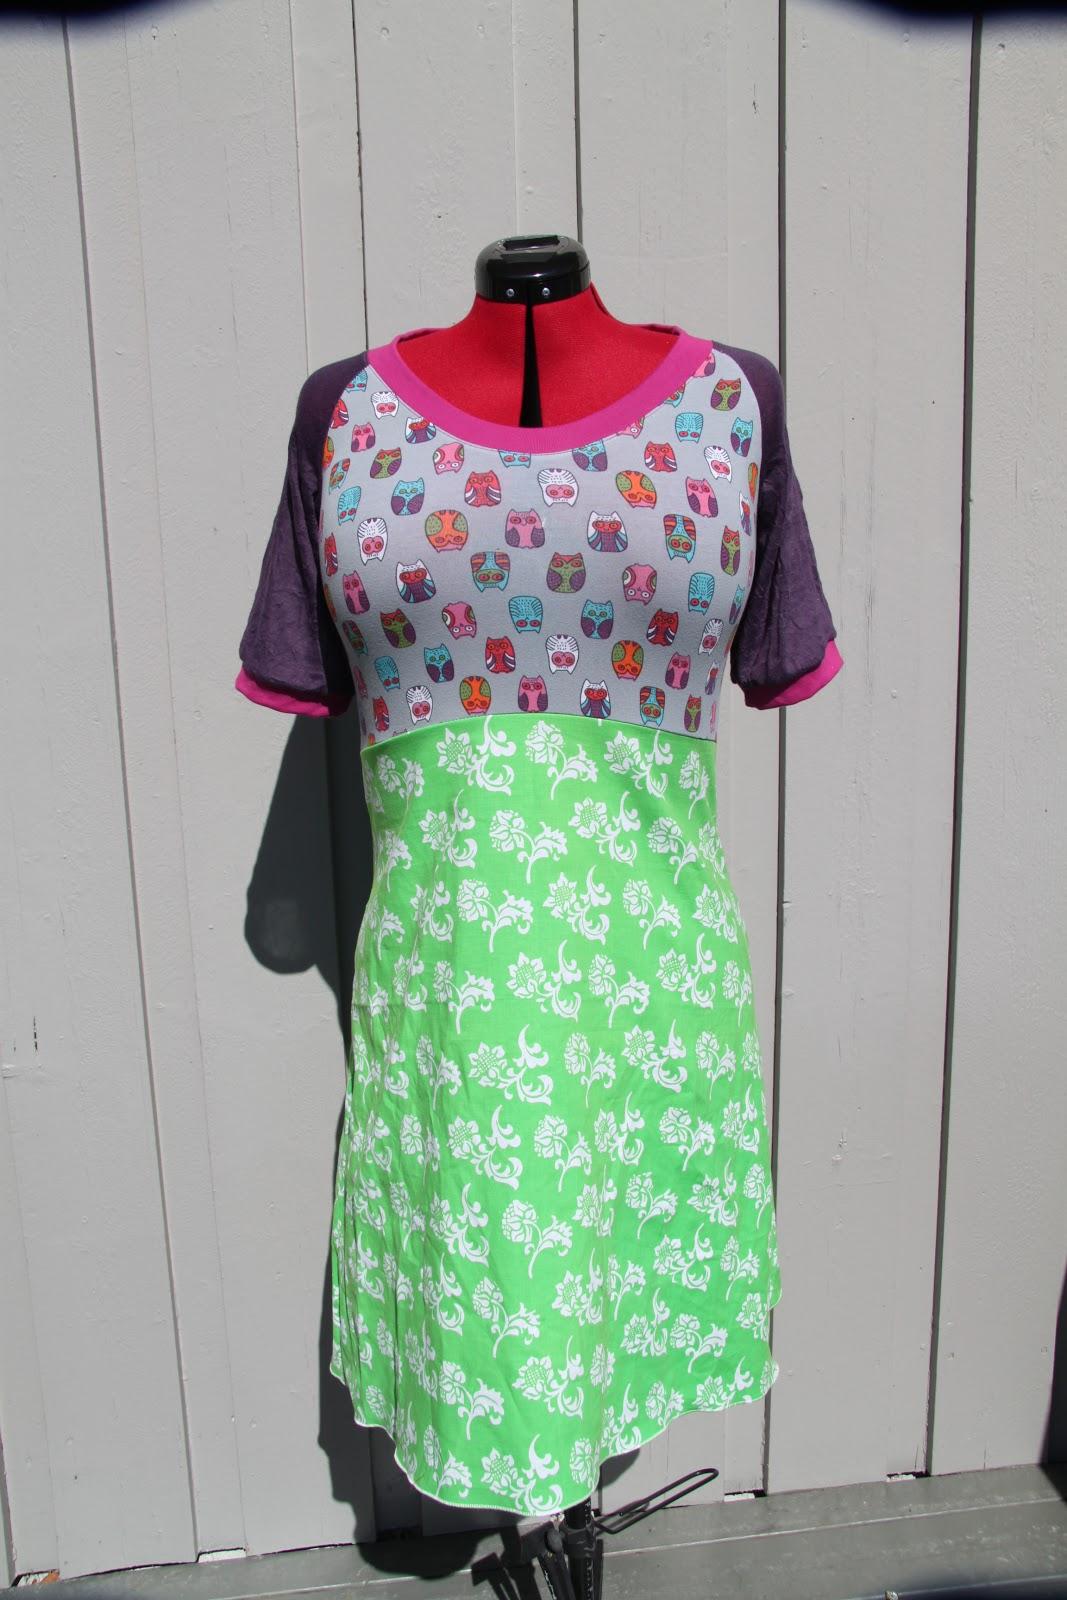 a668da08bc91 Denne kjolen er sydd av ulike stoff. Bryststykket er sydd av grå interlock  med fargerike ugler